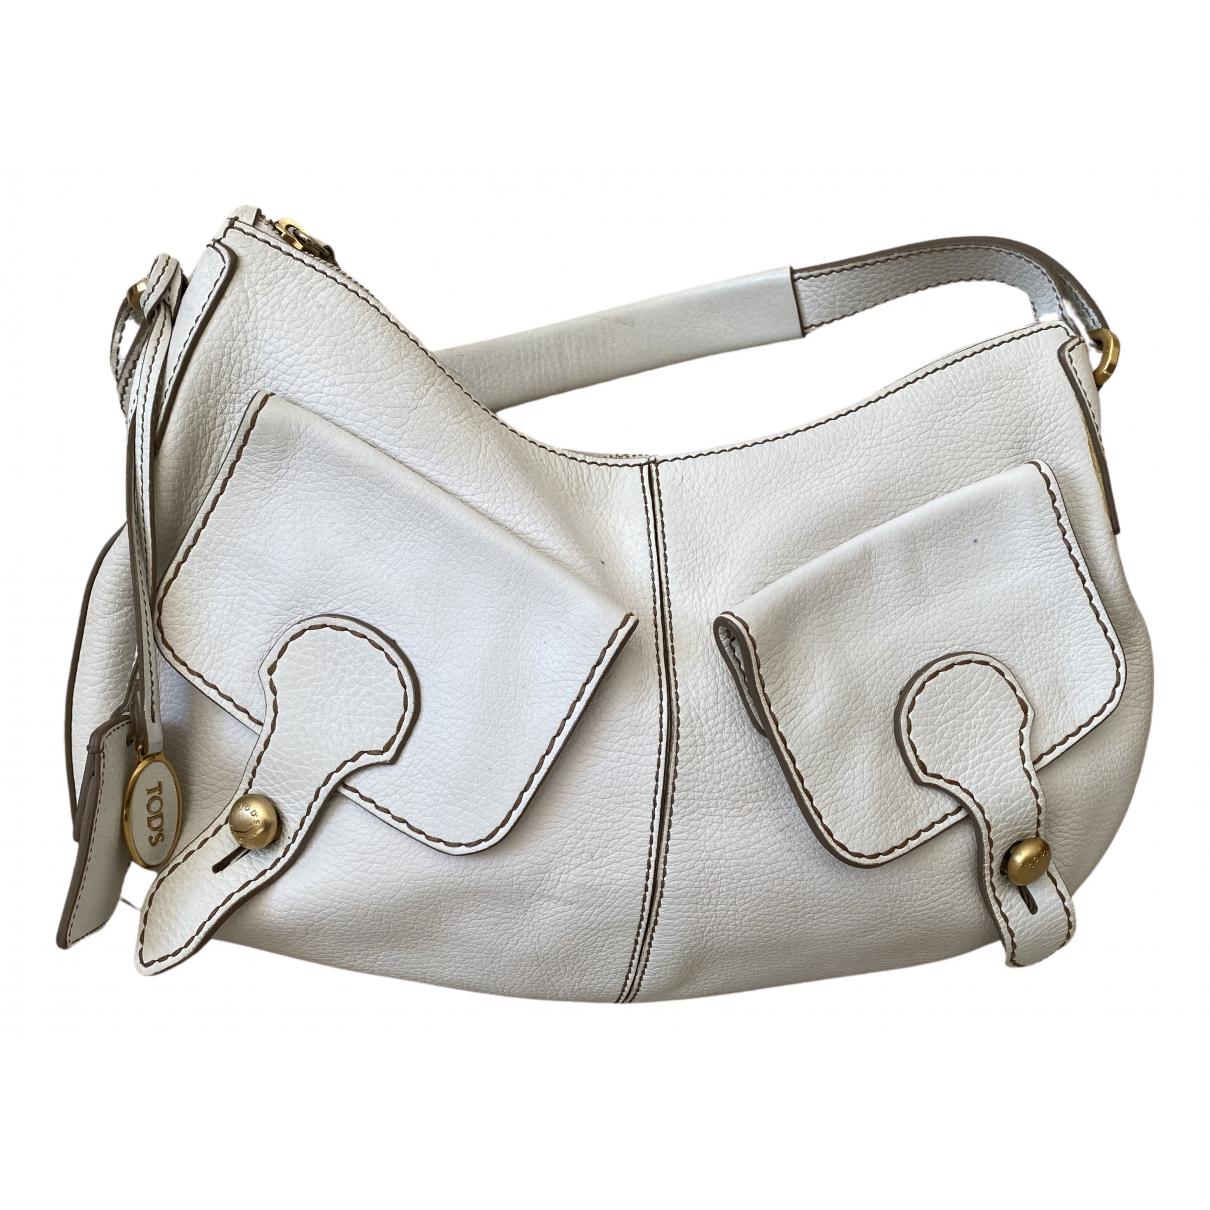 Tod's N White Leather handbag for Women N